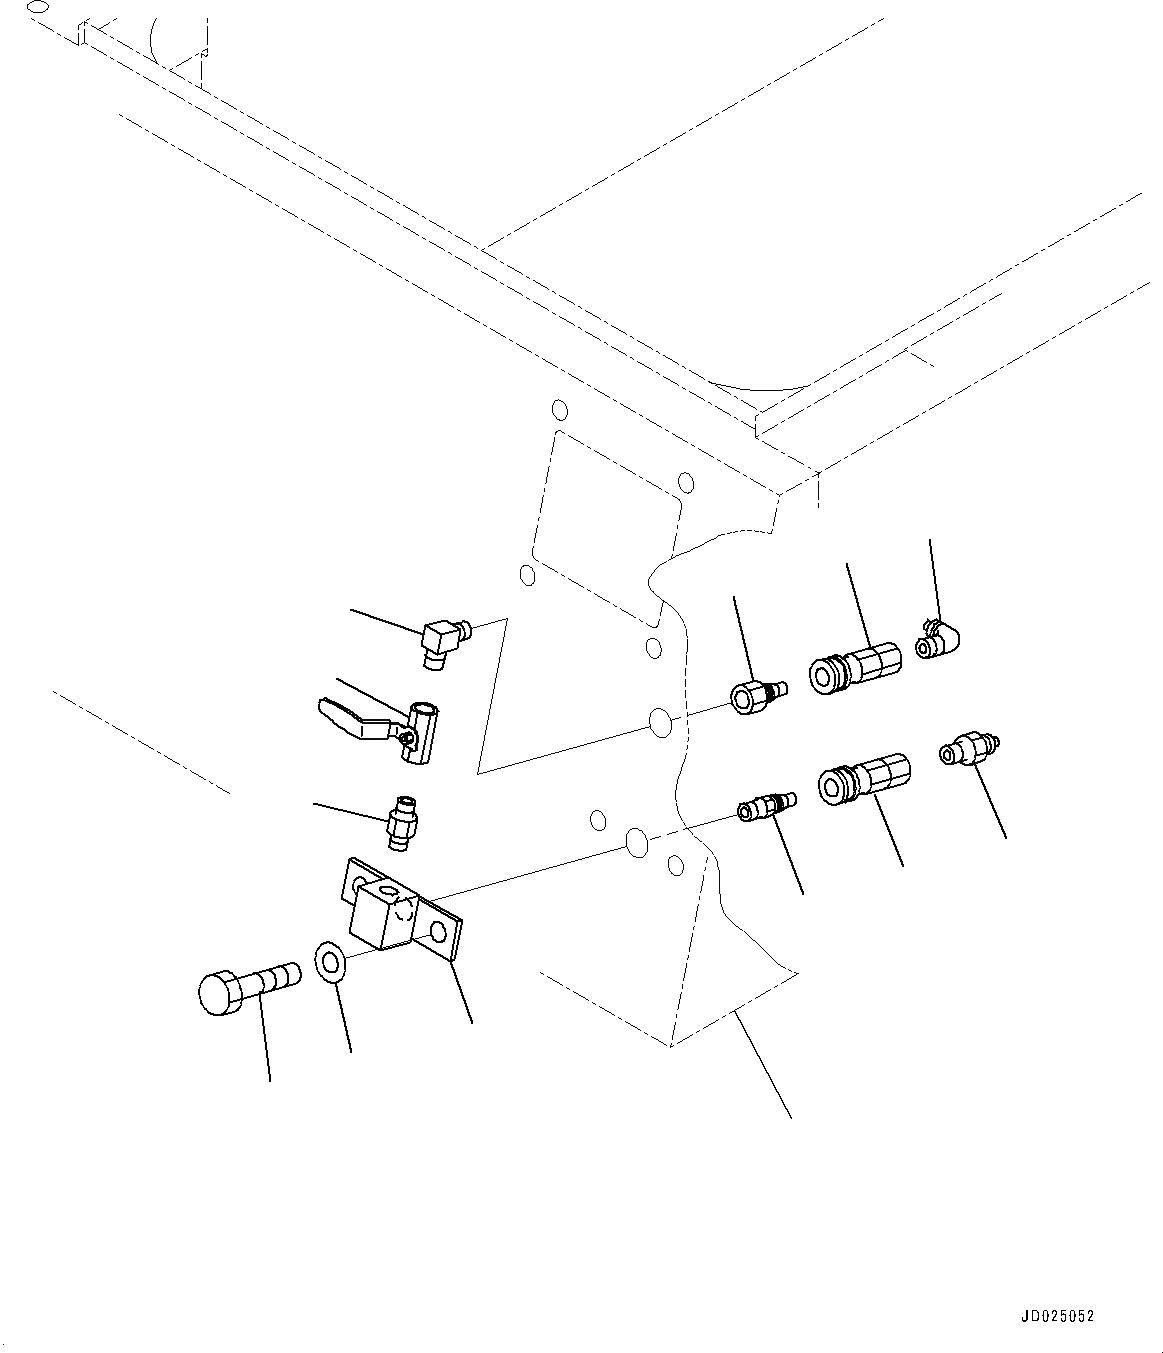 07880-20500 Komatsu ПЕРЕХОДНИК СТАЛЬНОЙ